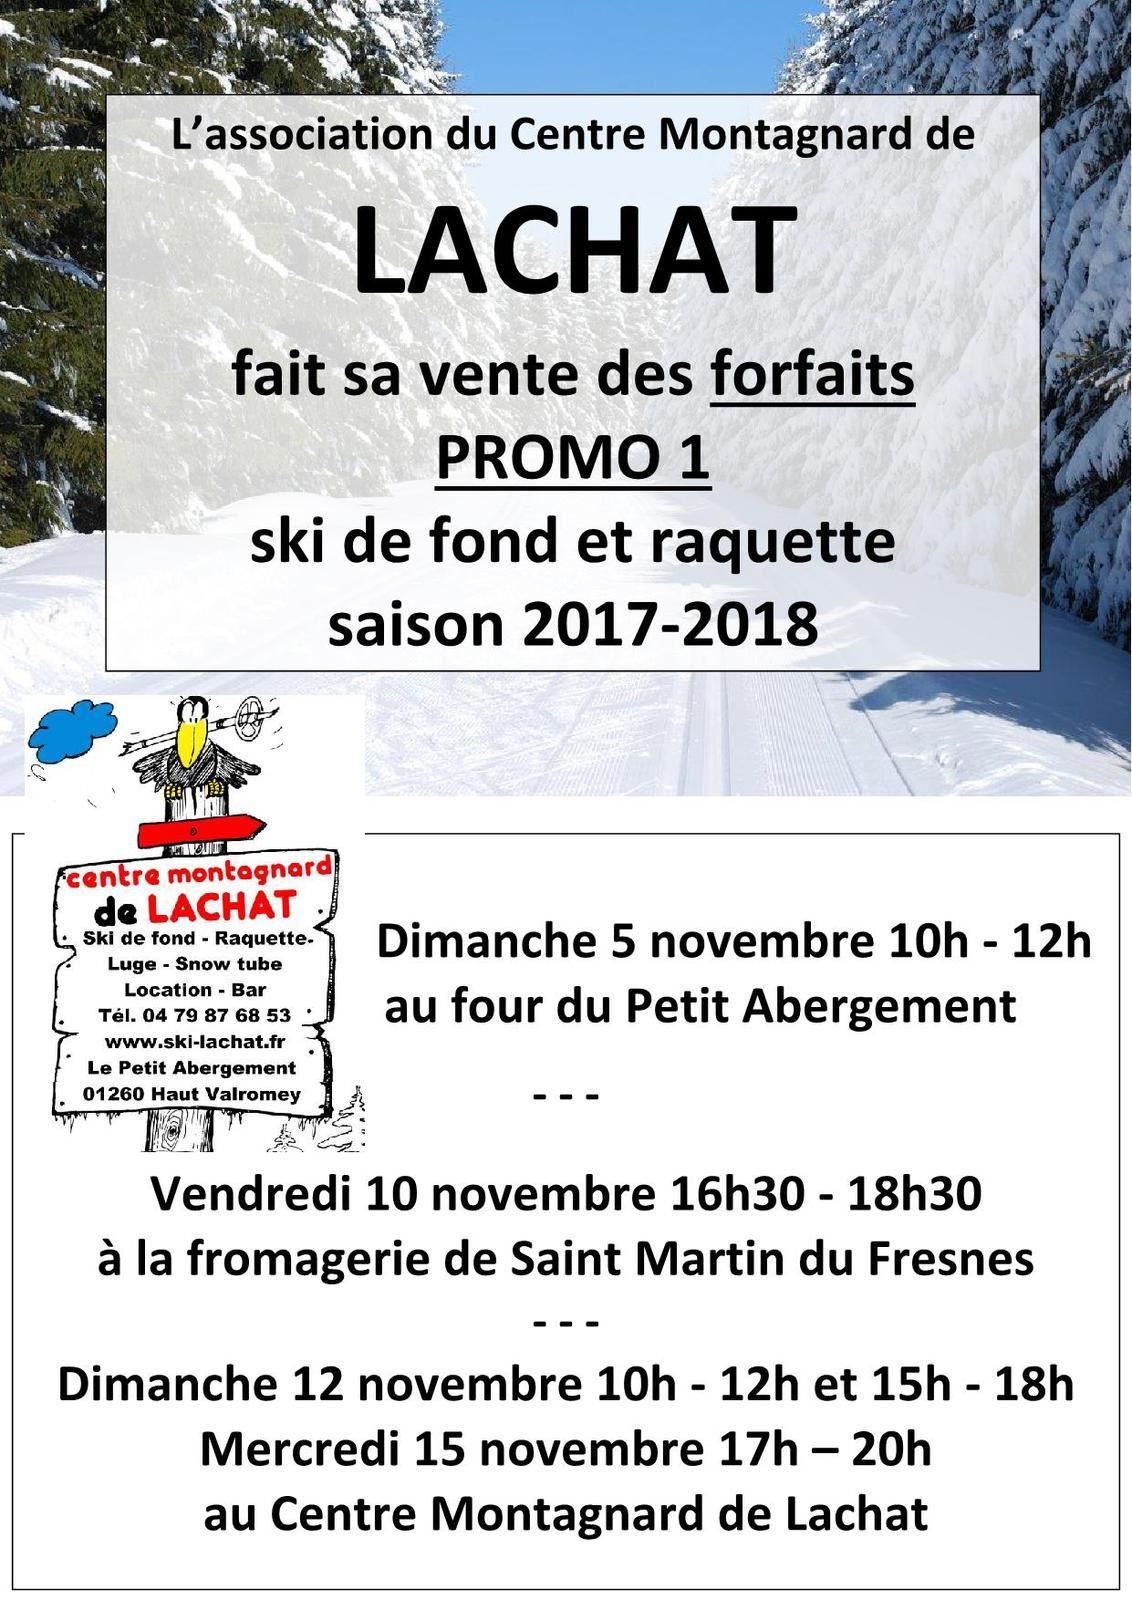 Vente forfaits promo - Centre montagnard de Lachat.